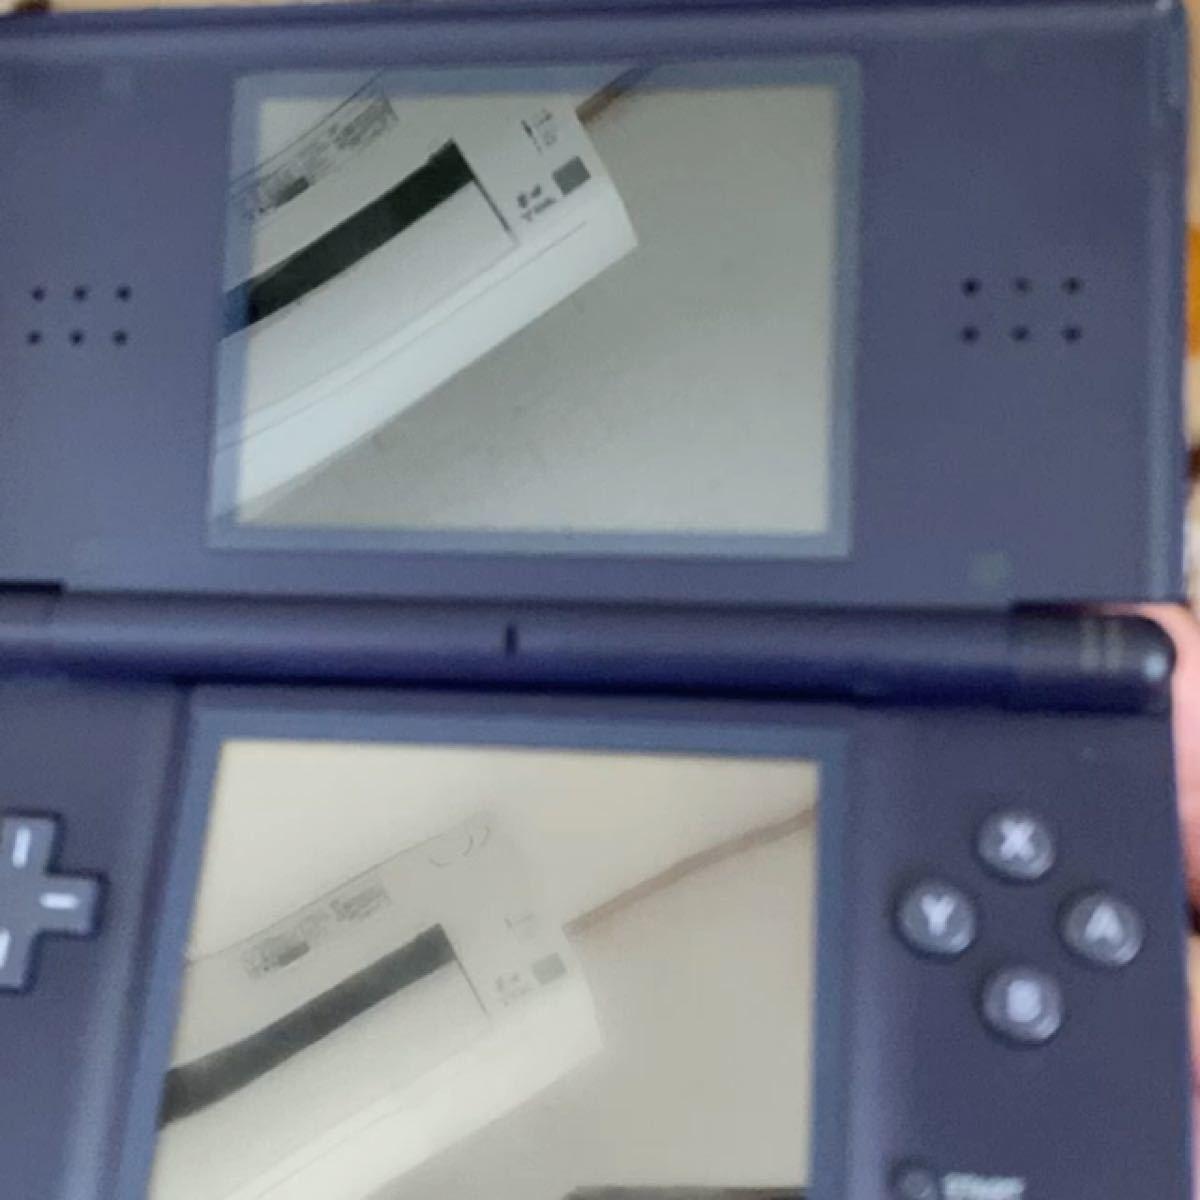 プロアクションリプレイ DS Lite ニンテンドーDS